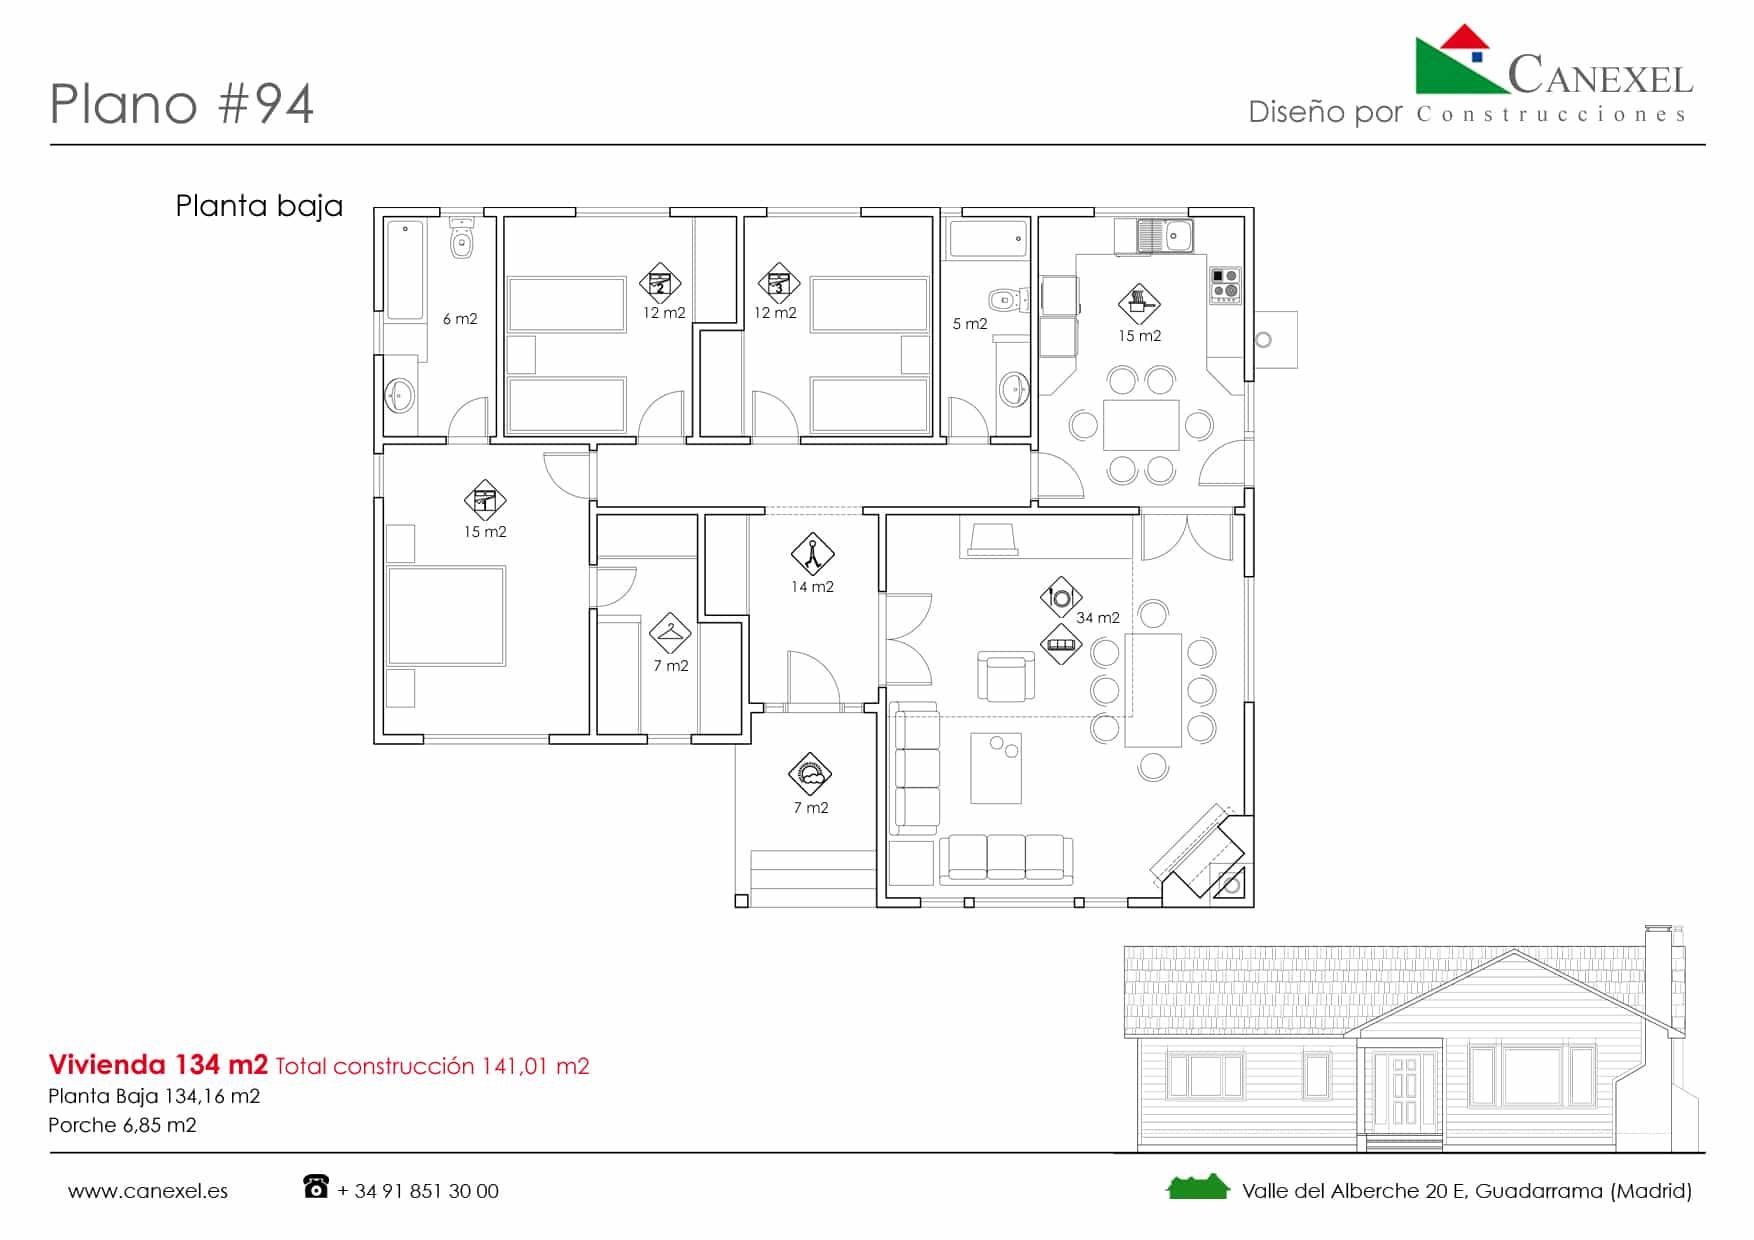 Planos de casas de una planta canexel for Plano casa una planta